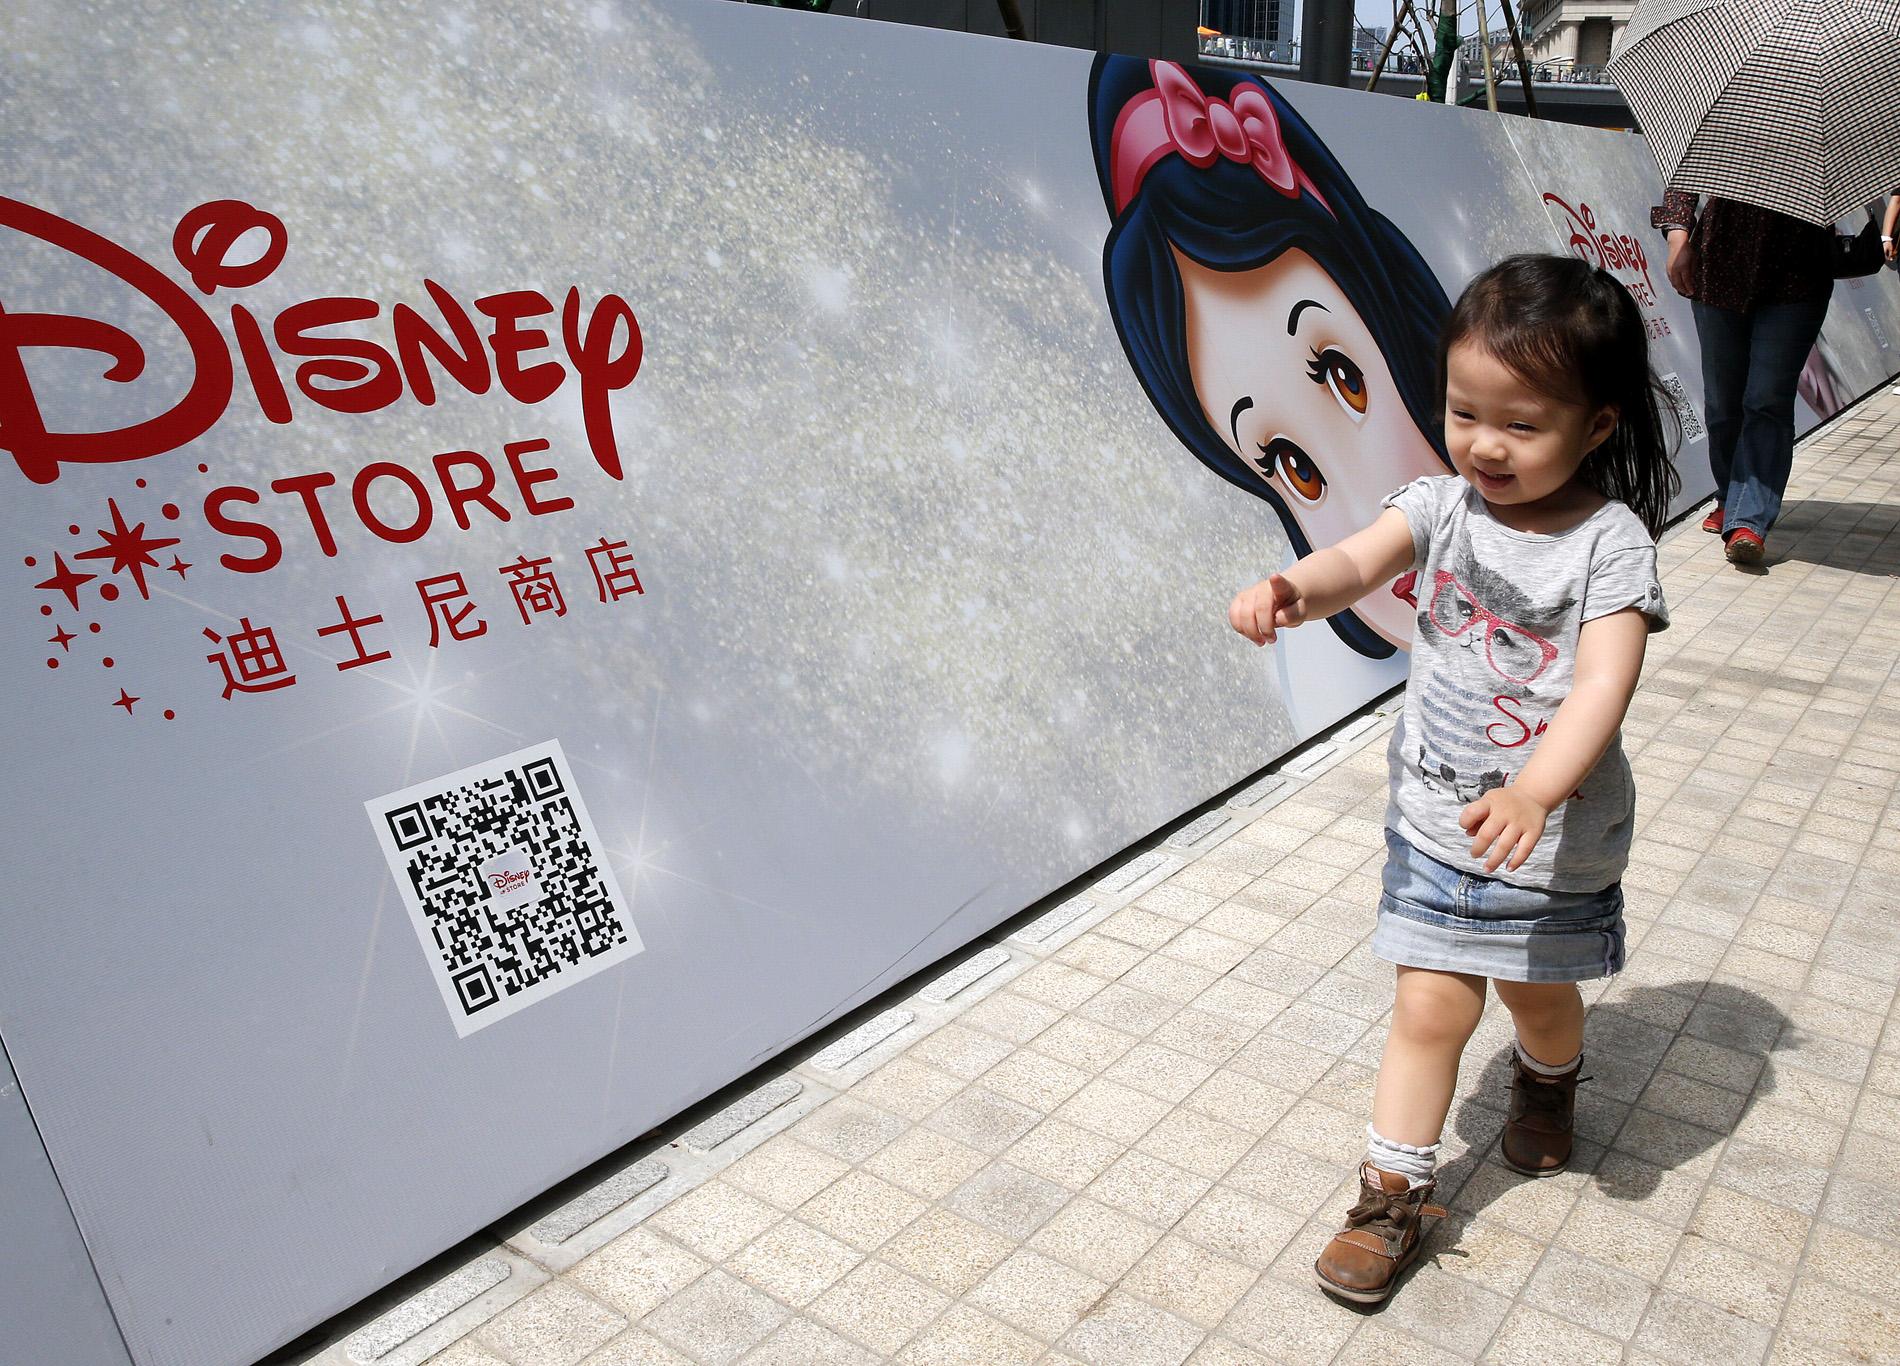 迪士尼Q3营收117.79亿美元 电影制片厂业务收入下降16%